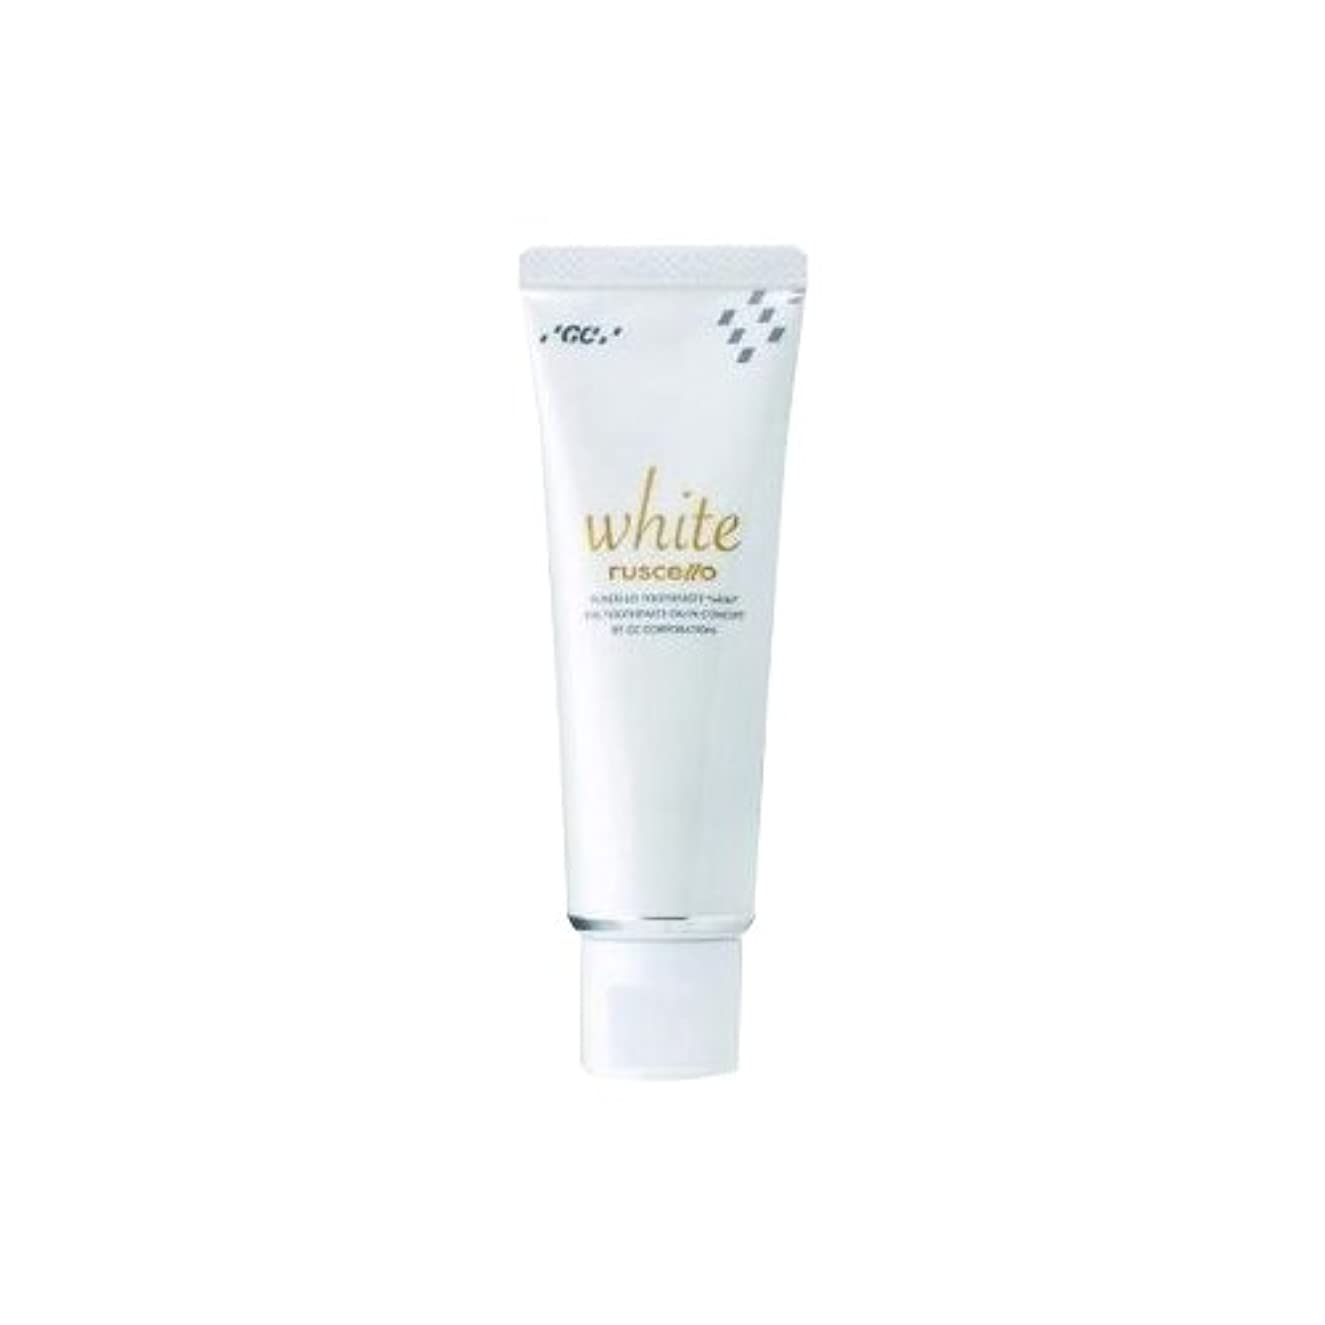 GC ルシェロ歯磨きペースト ホワイト 100g (1個)